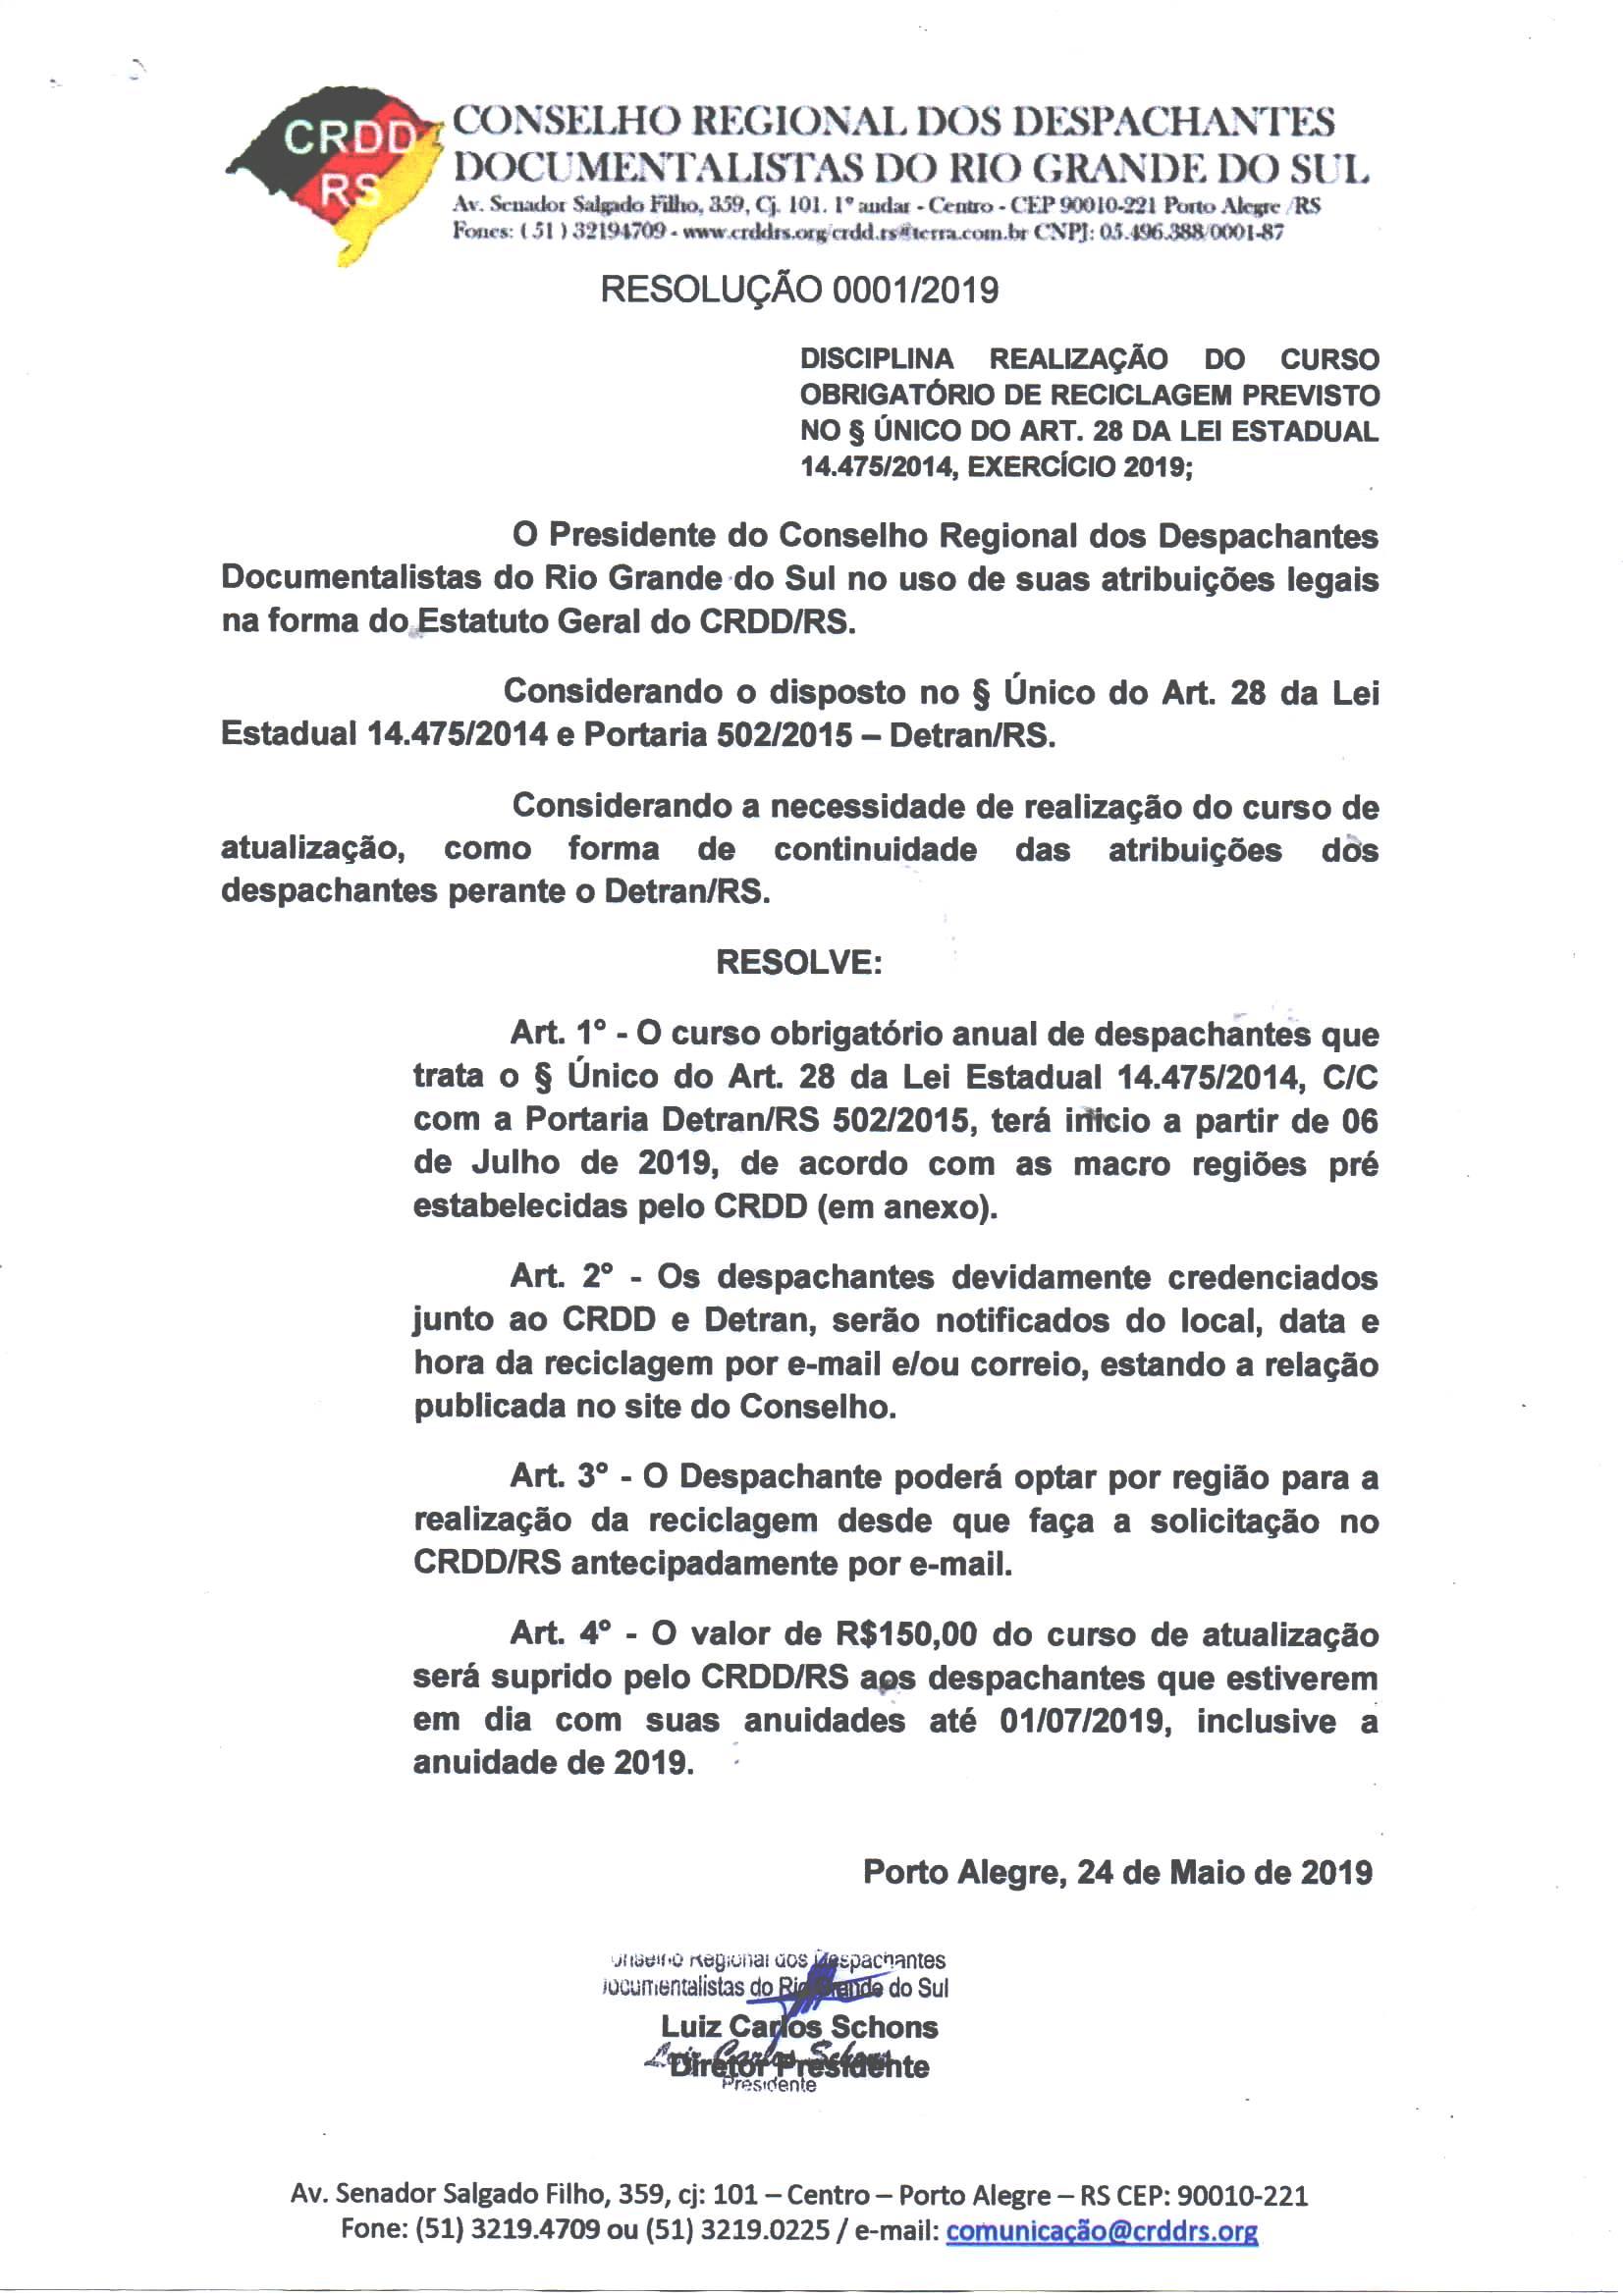 Conselho Regional Dos Despachantes Do Rio Grande Do Sul